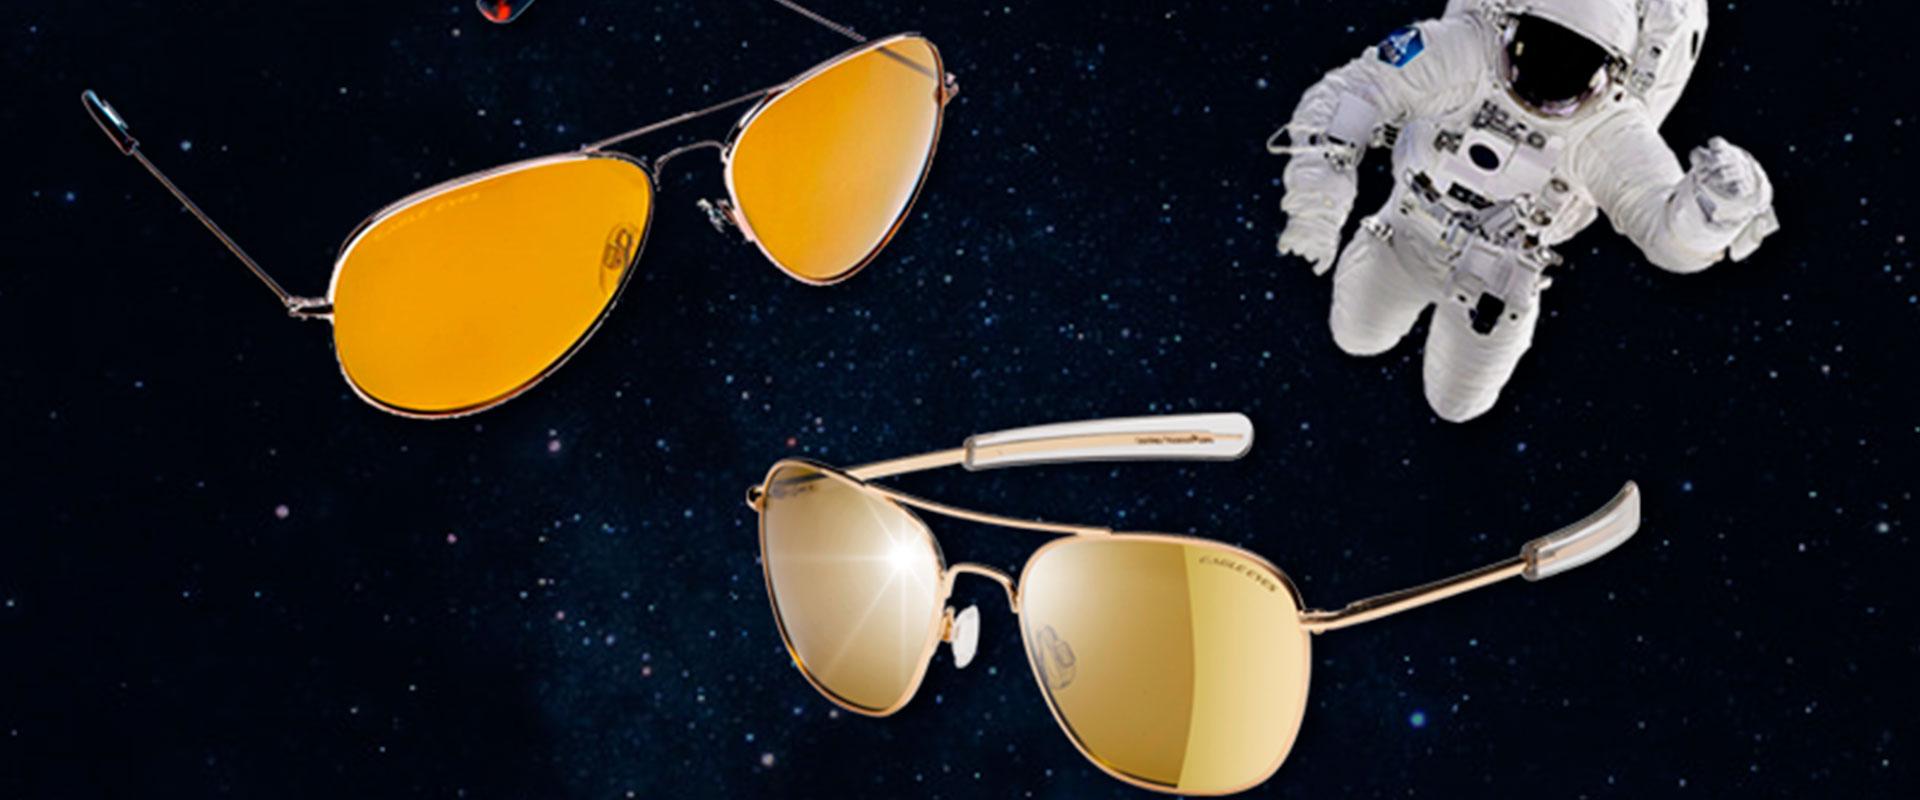 Los lentes de sol Eagle Eyes tienen tecnología de la NASA.